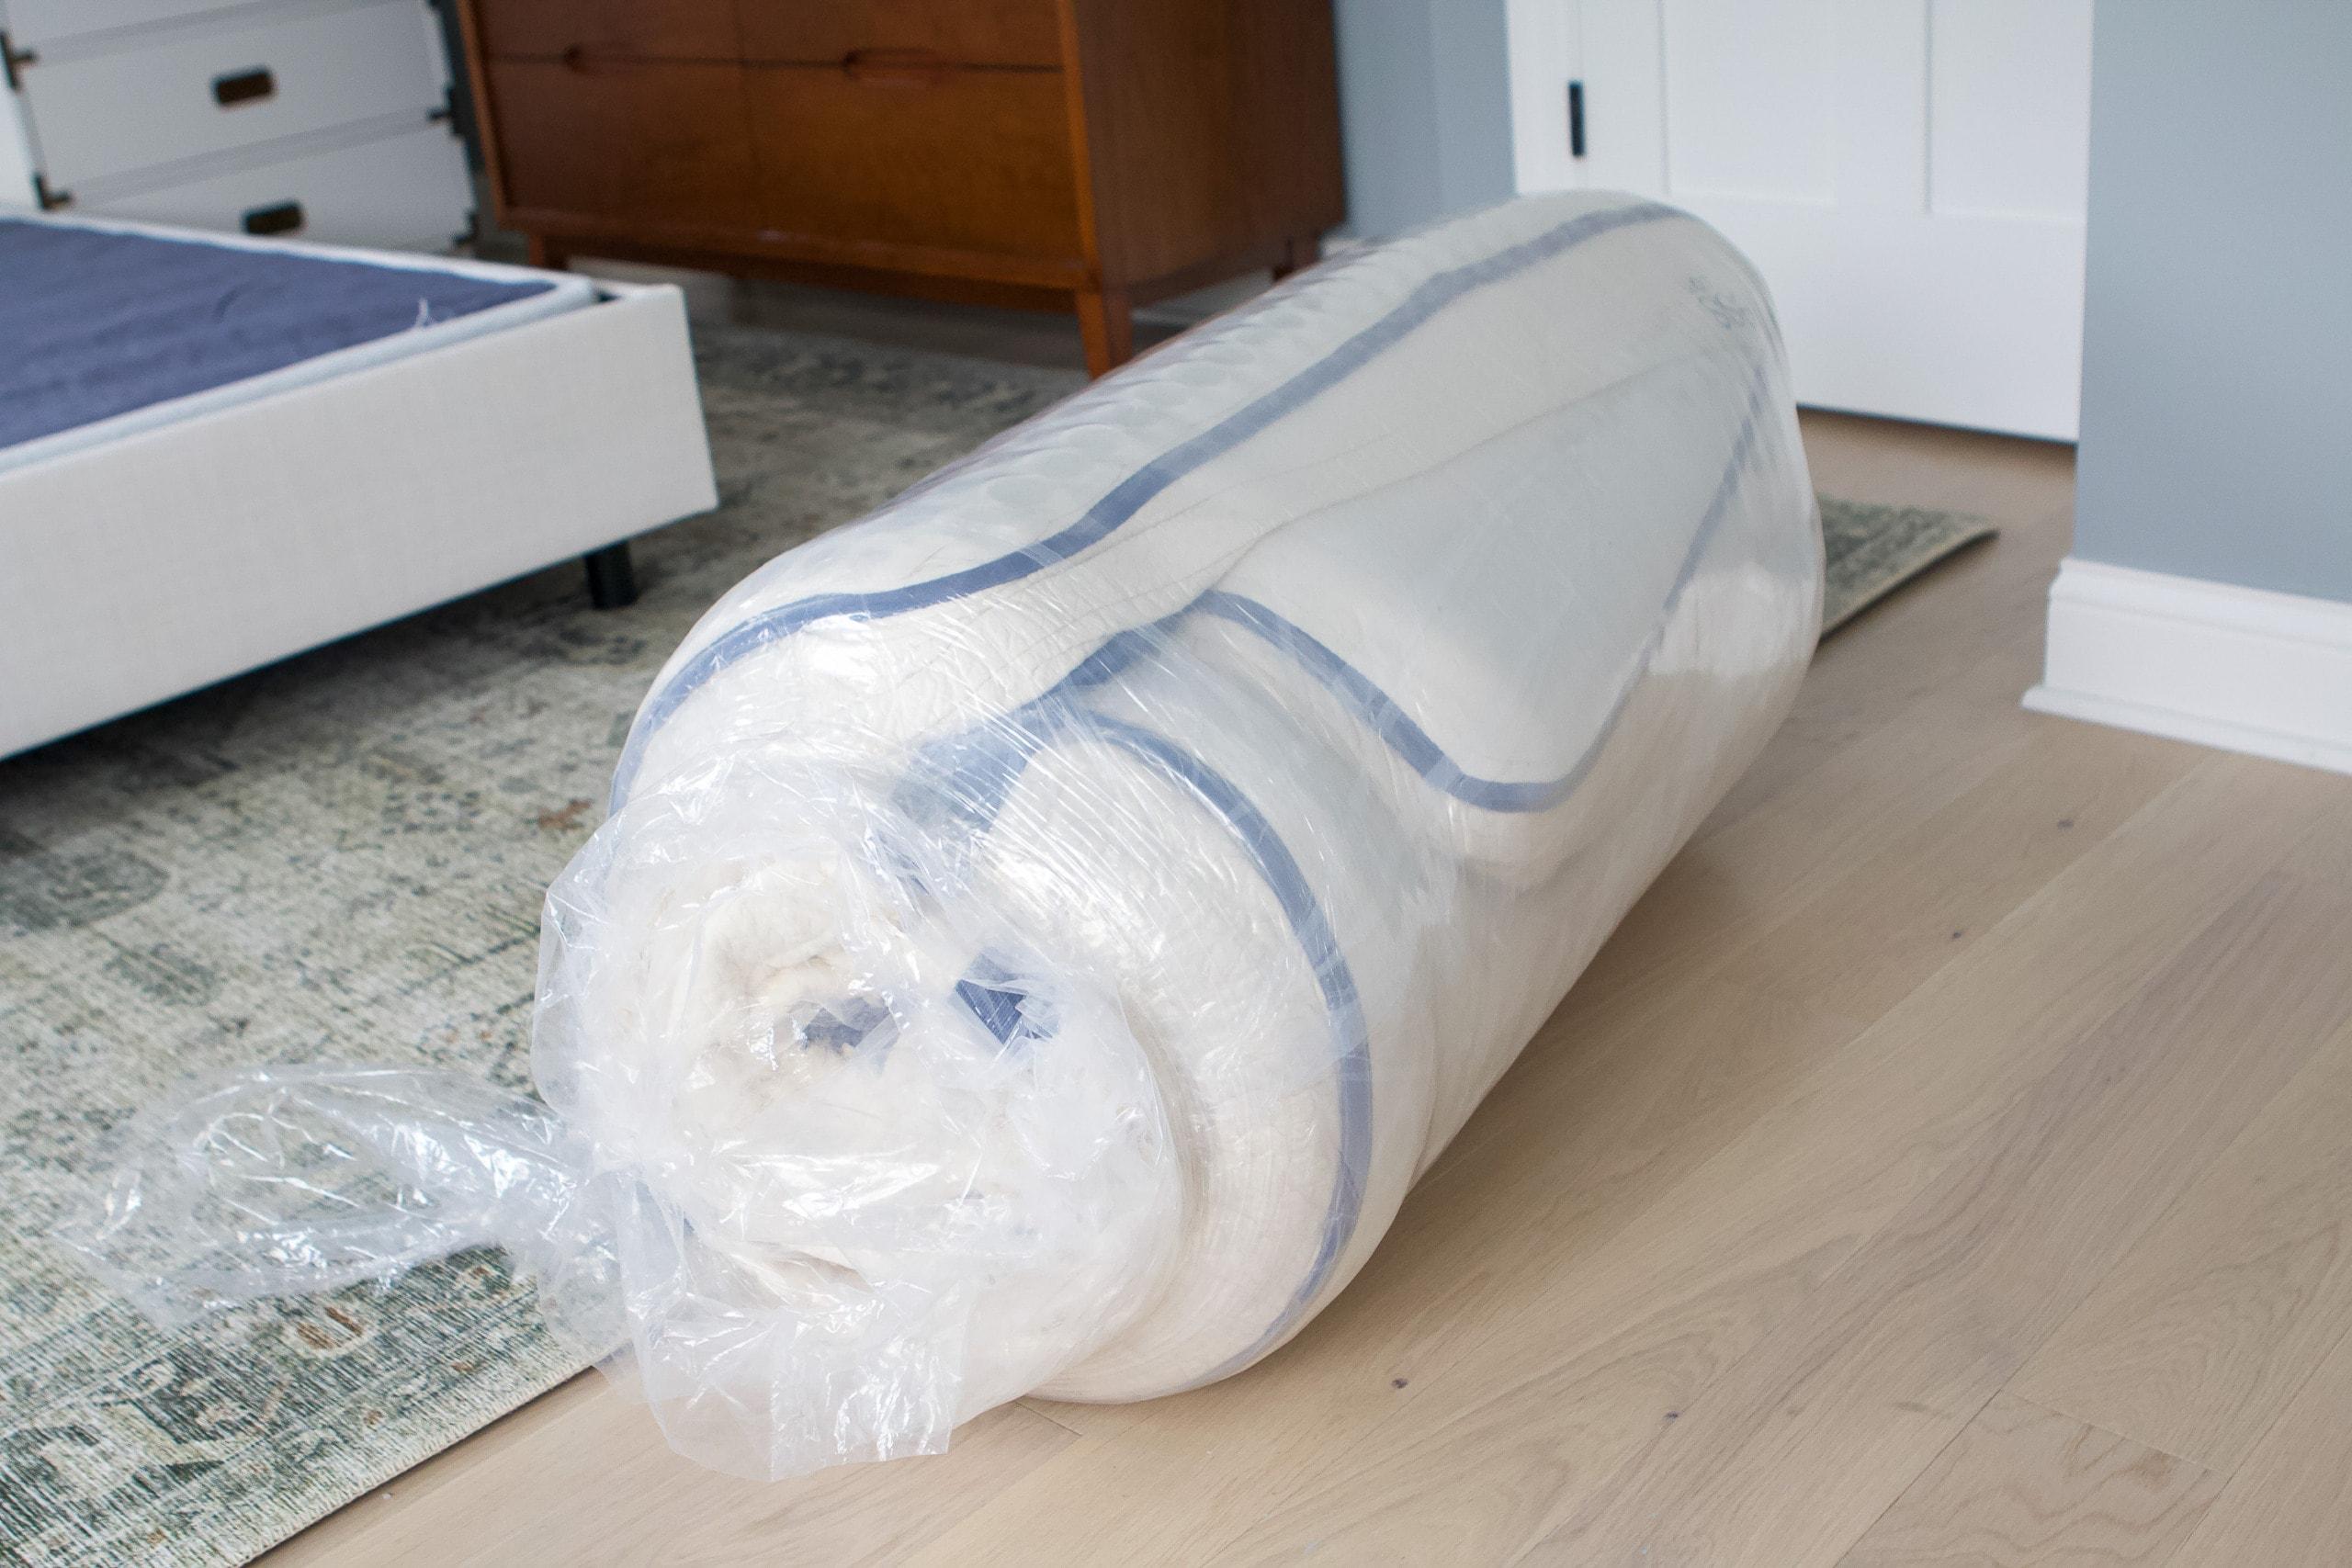 My new king-sized mattress